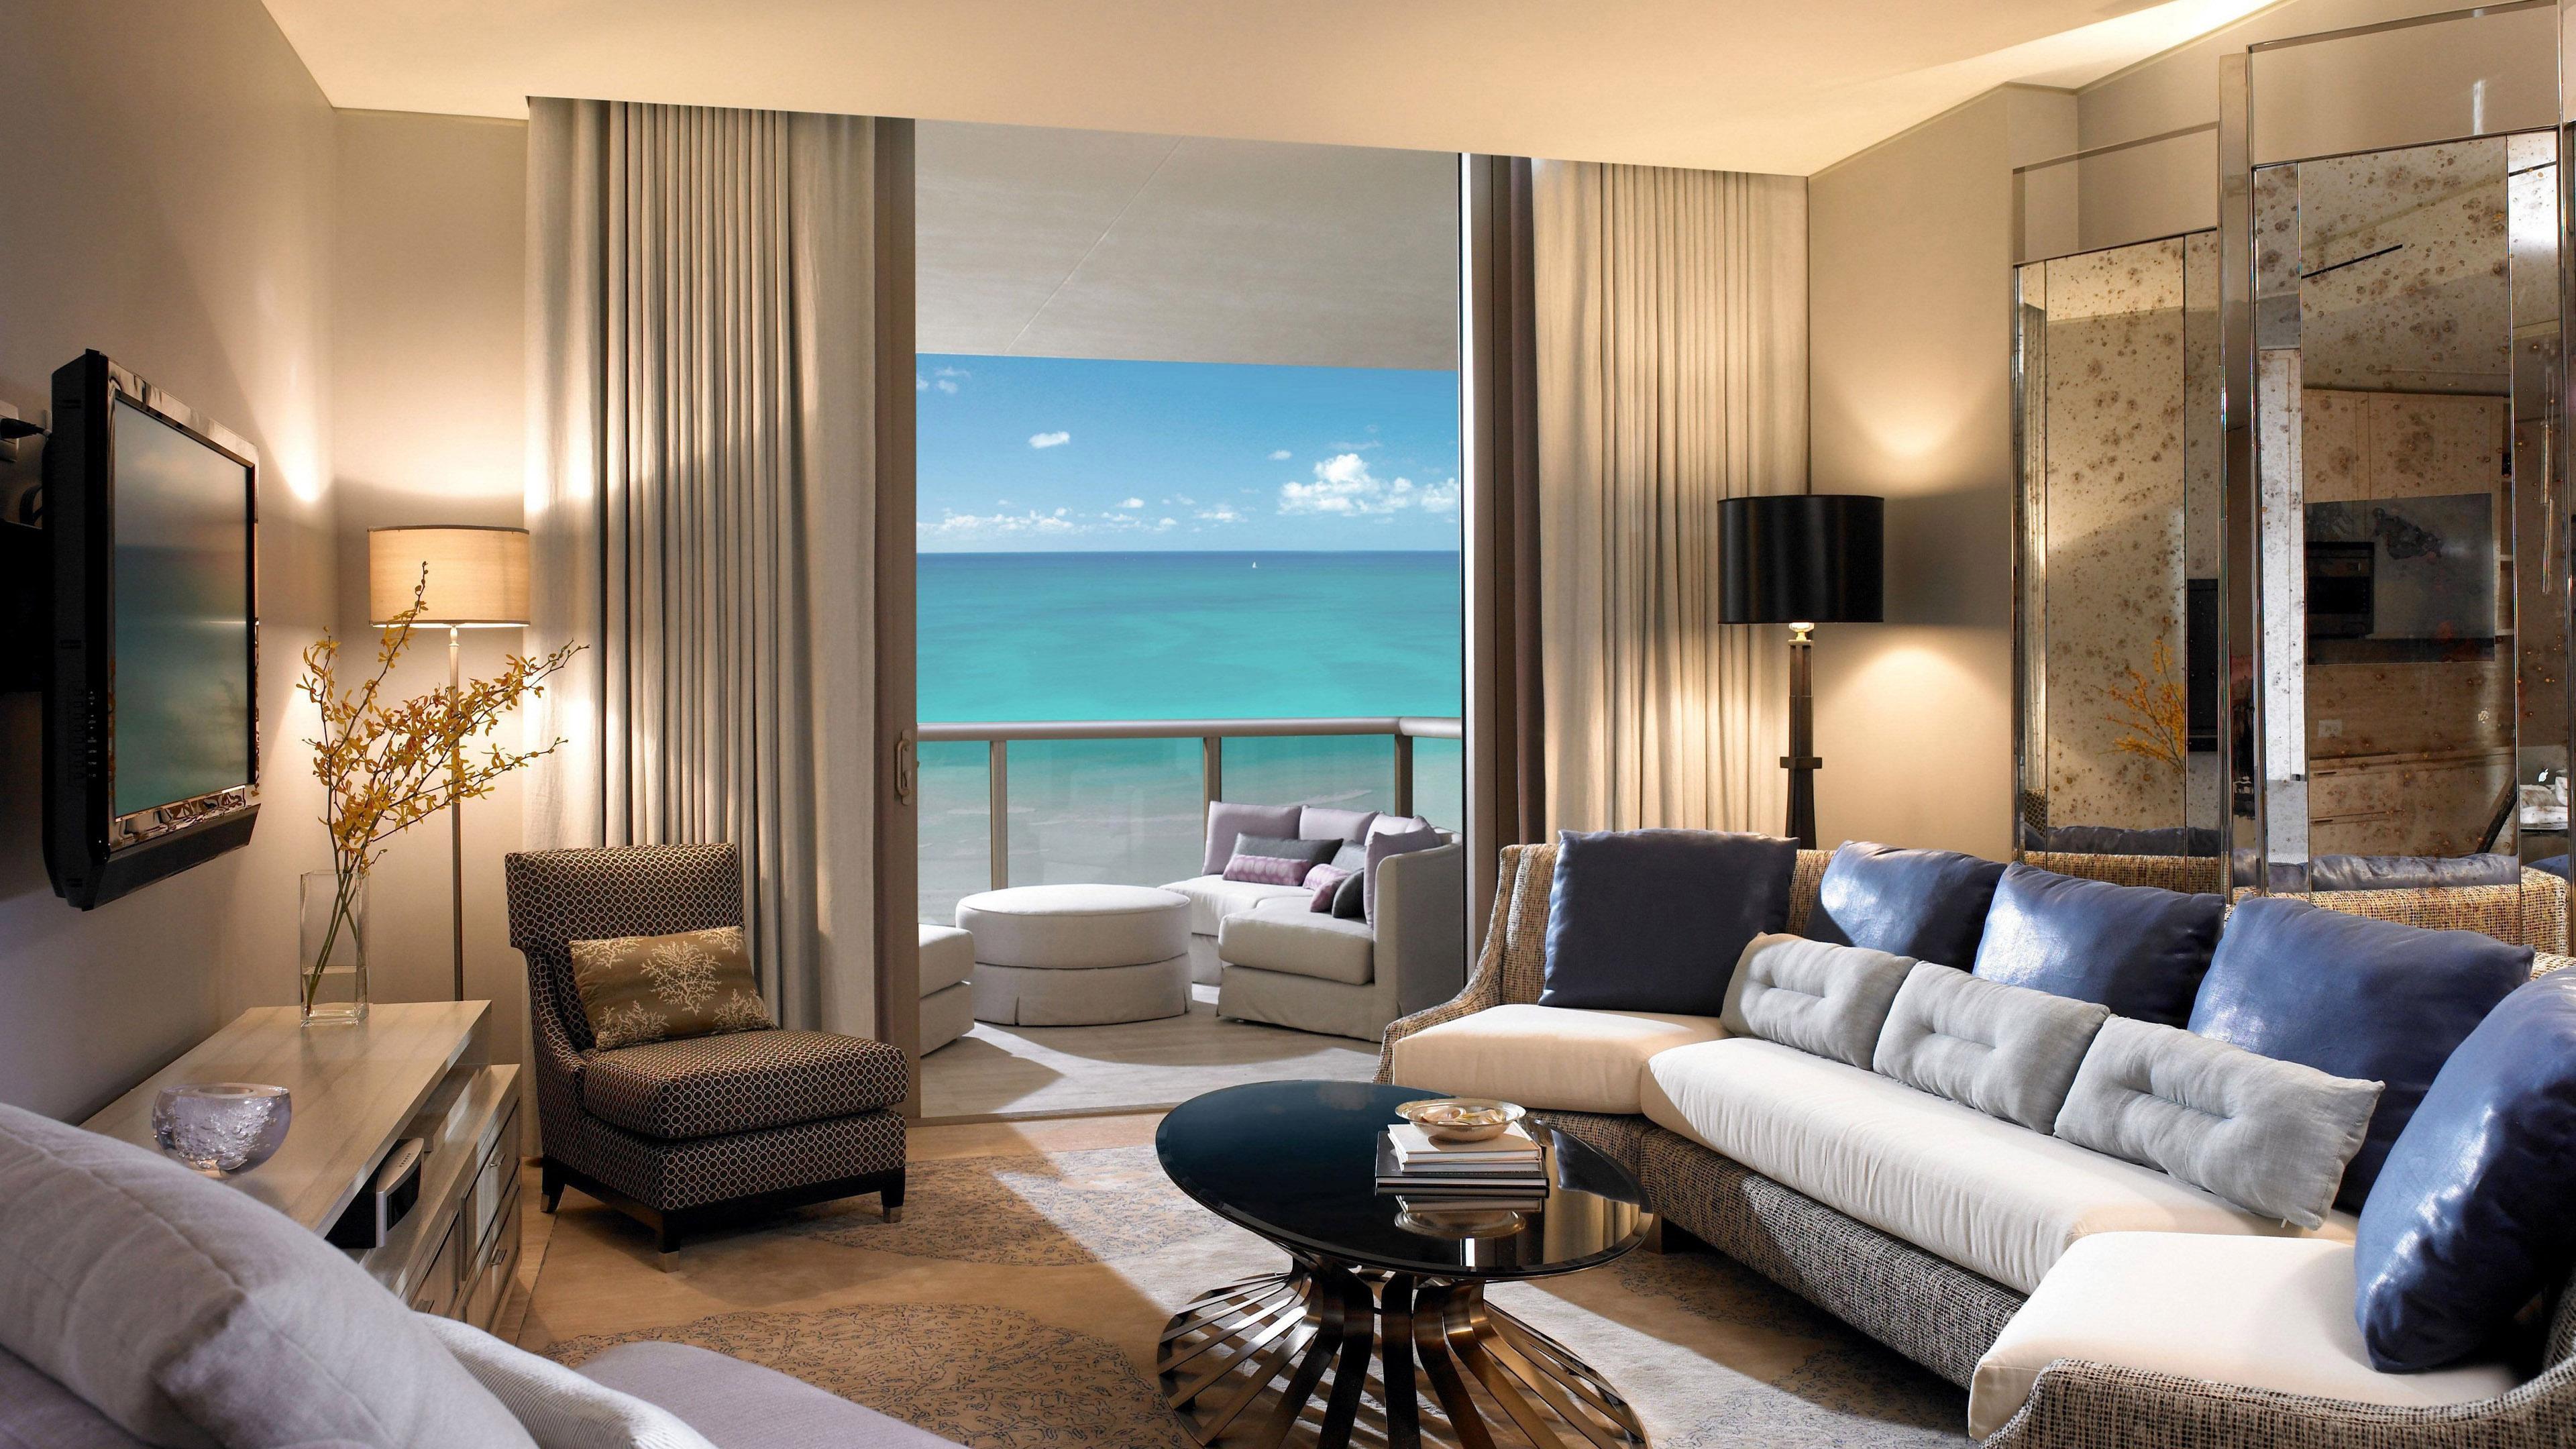 Интерьер комнаты отдыха с видом на бирюзовое море и голубое небо